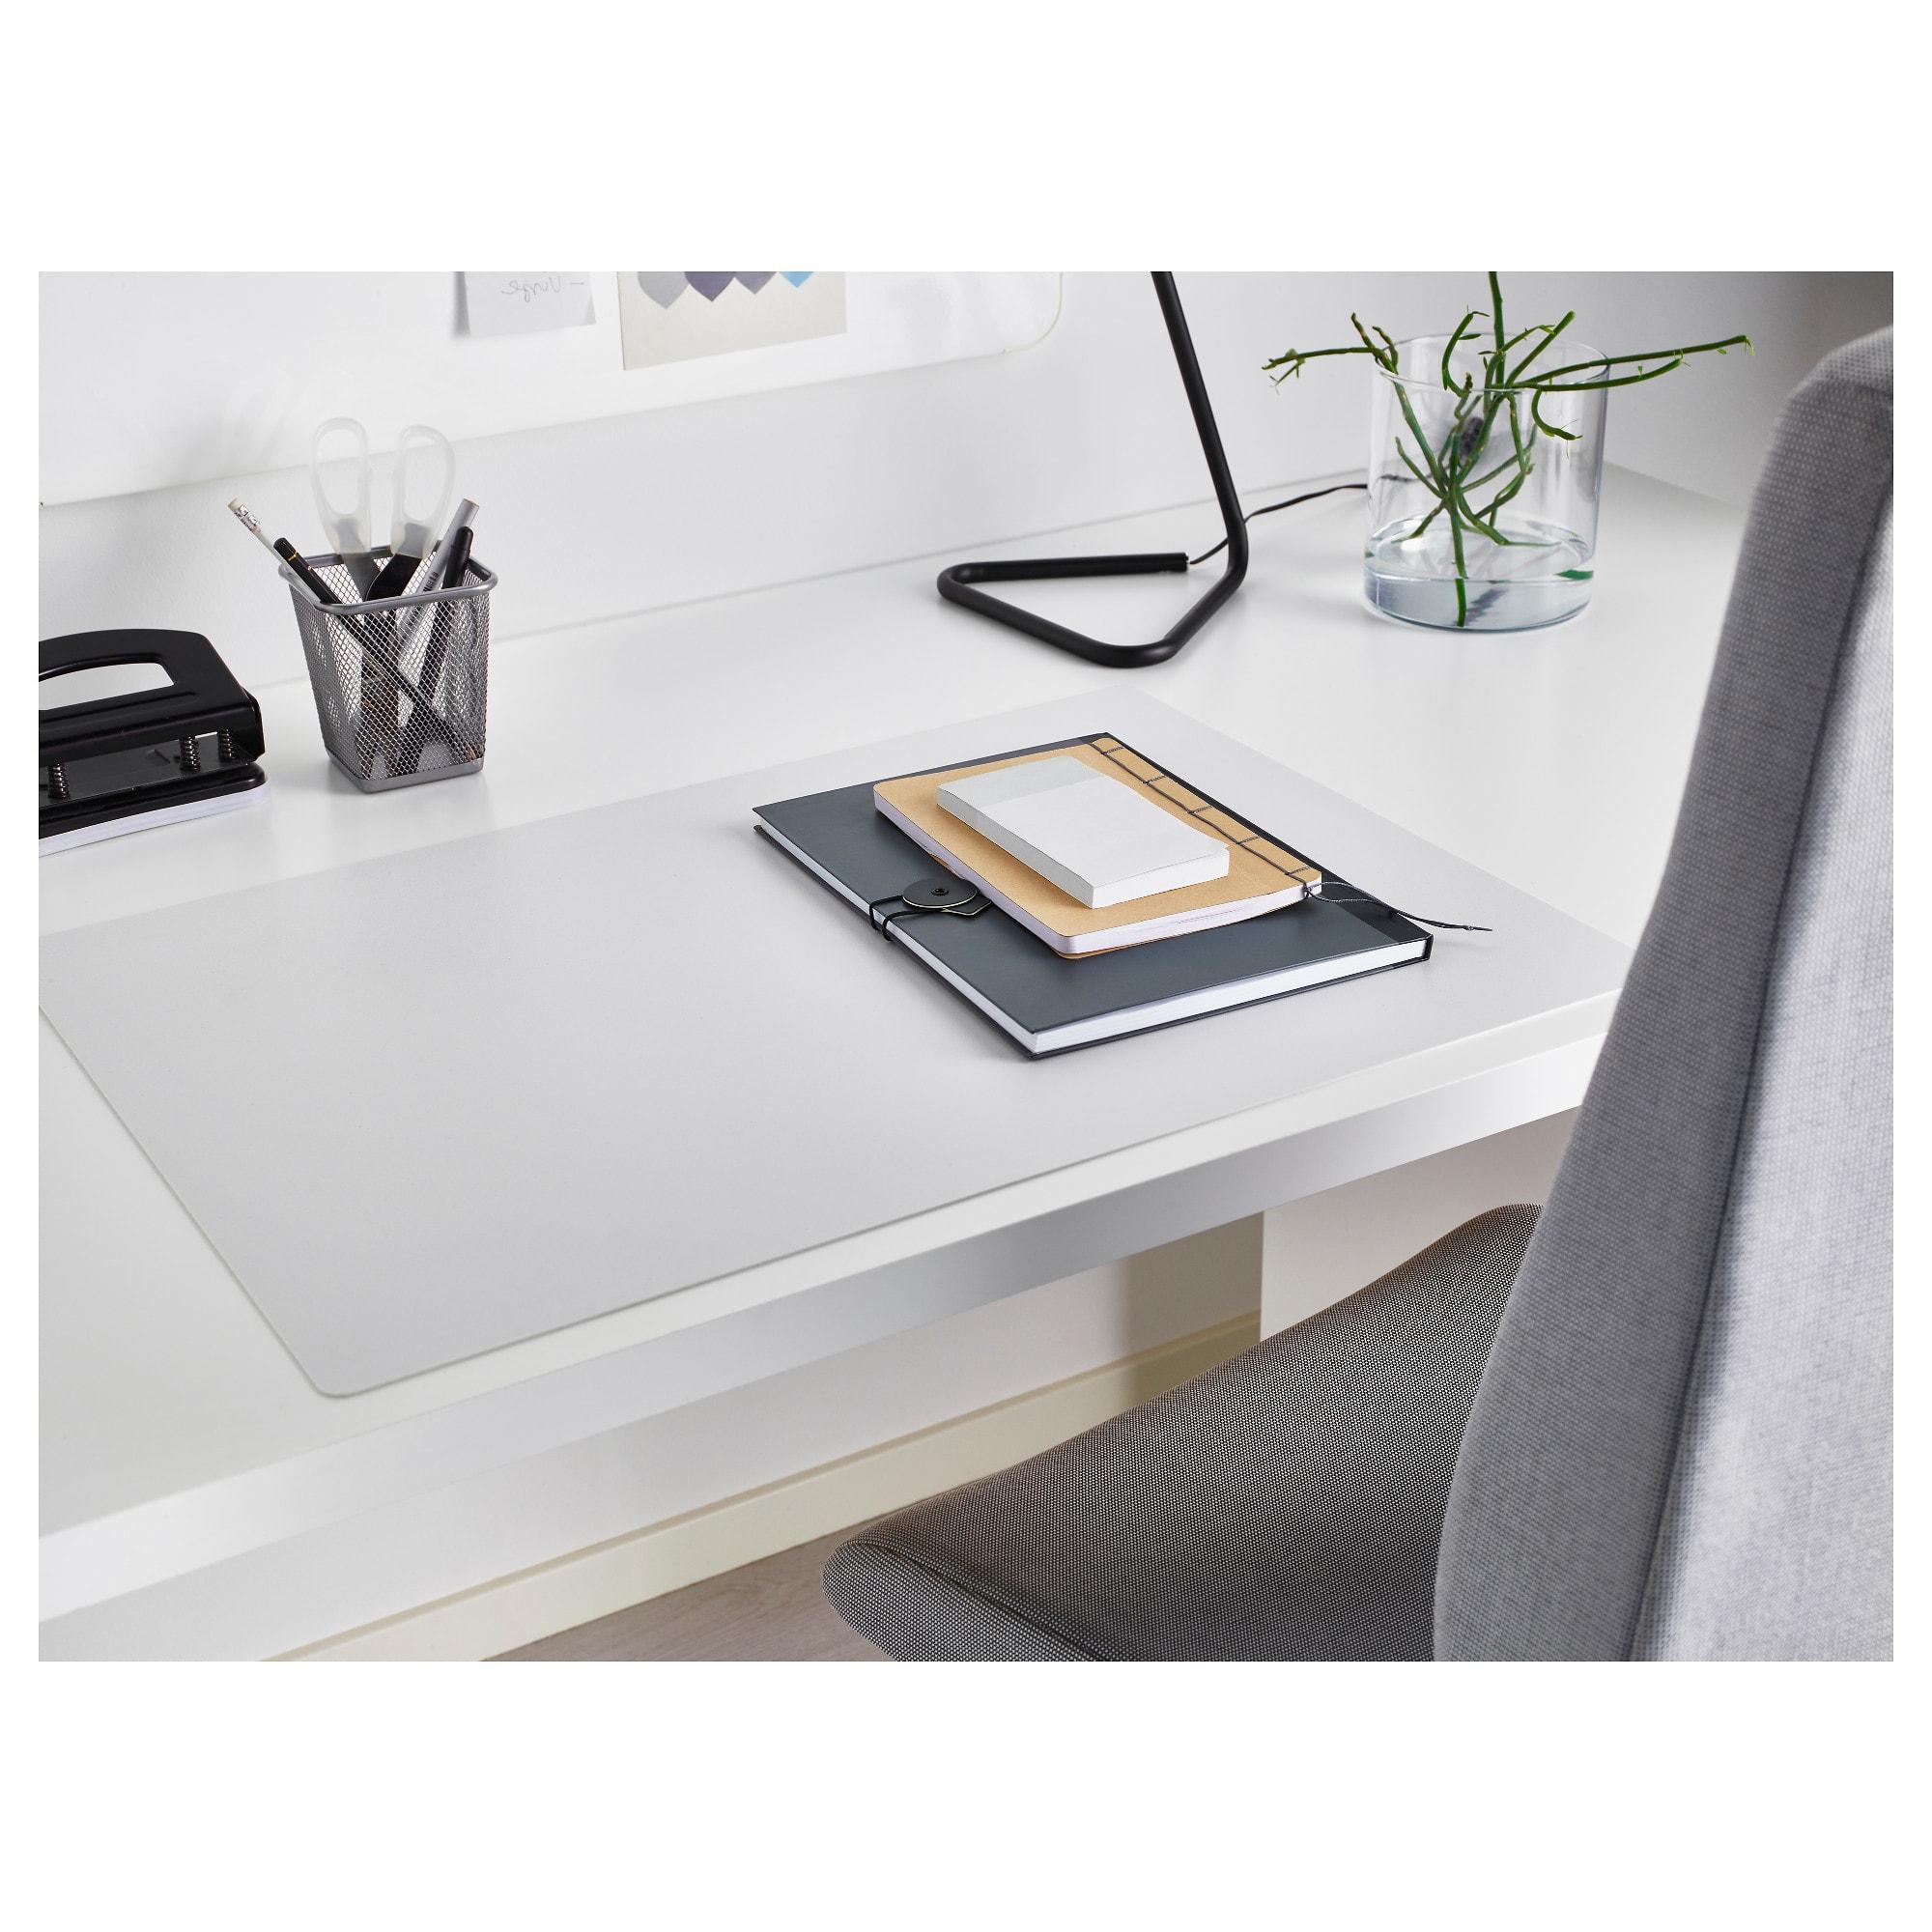 Ikea Protector Escritorio Q0d4 Skrutt Protector De Escritorio Blanco 65 X 45 Cm Ikea